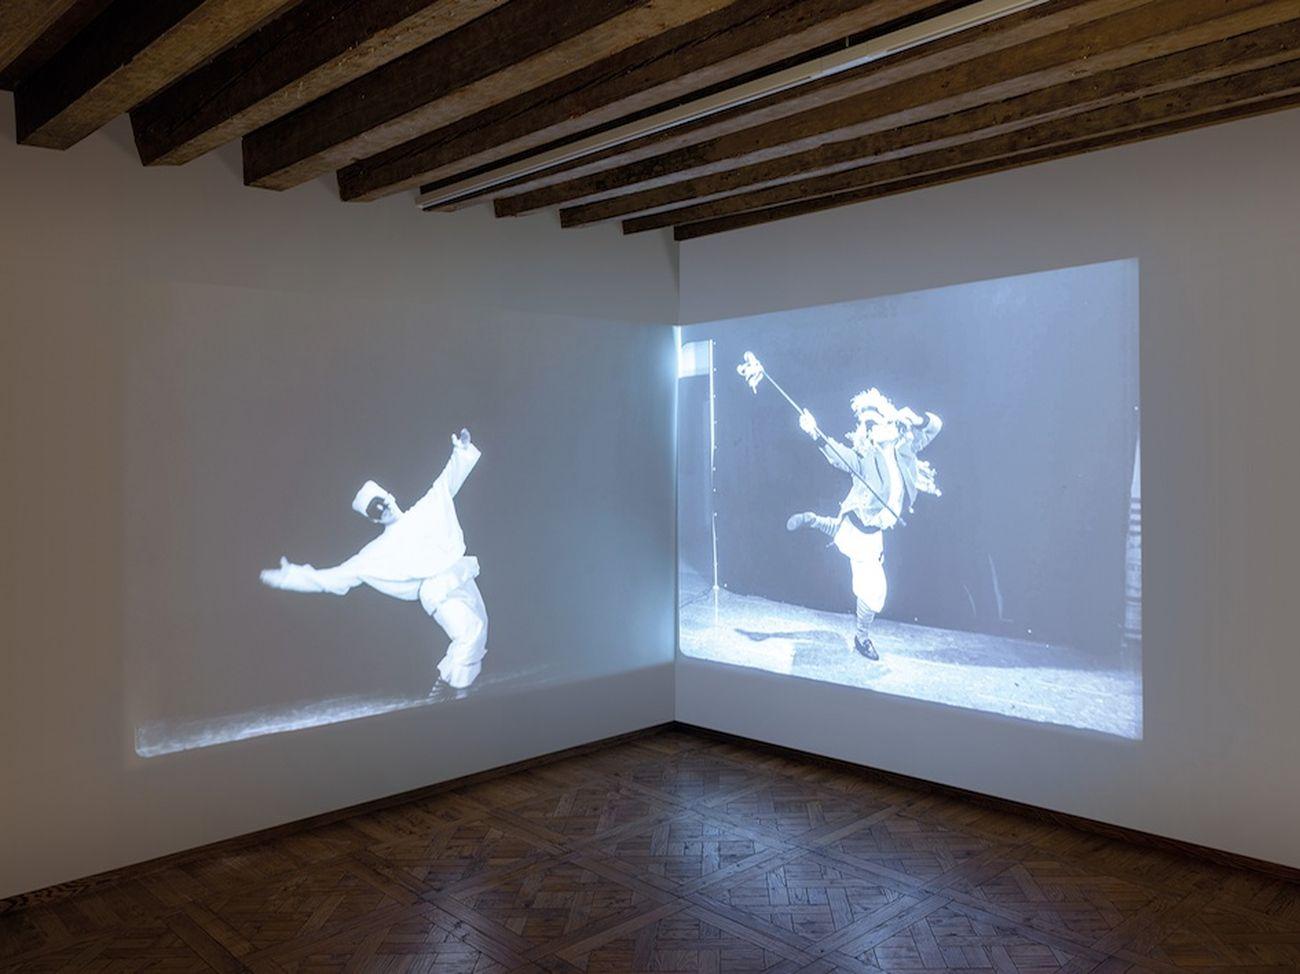 Pino Pascali interpreta Pulcinella (video, 3'24'') e Pazzariello (video, 1'16'') per lo spot Cirio, 1965. Fondazione Pino Pascali, Polignano a Mare